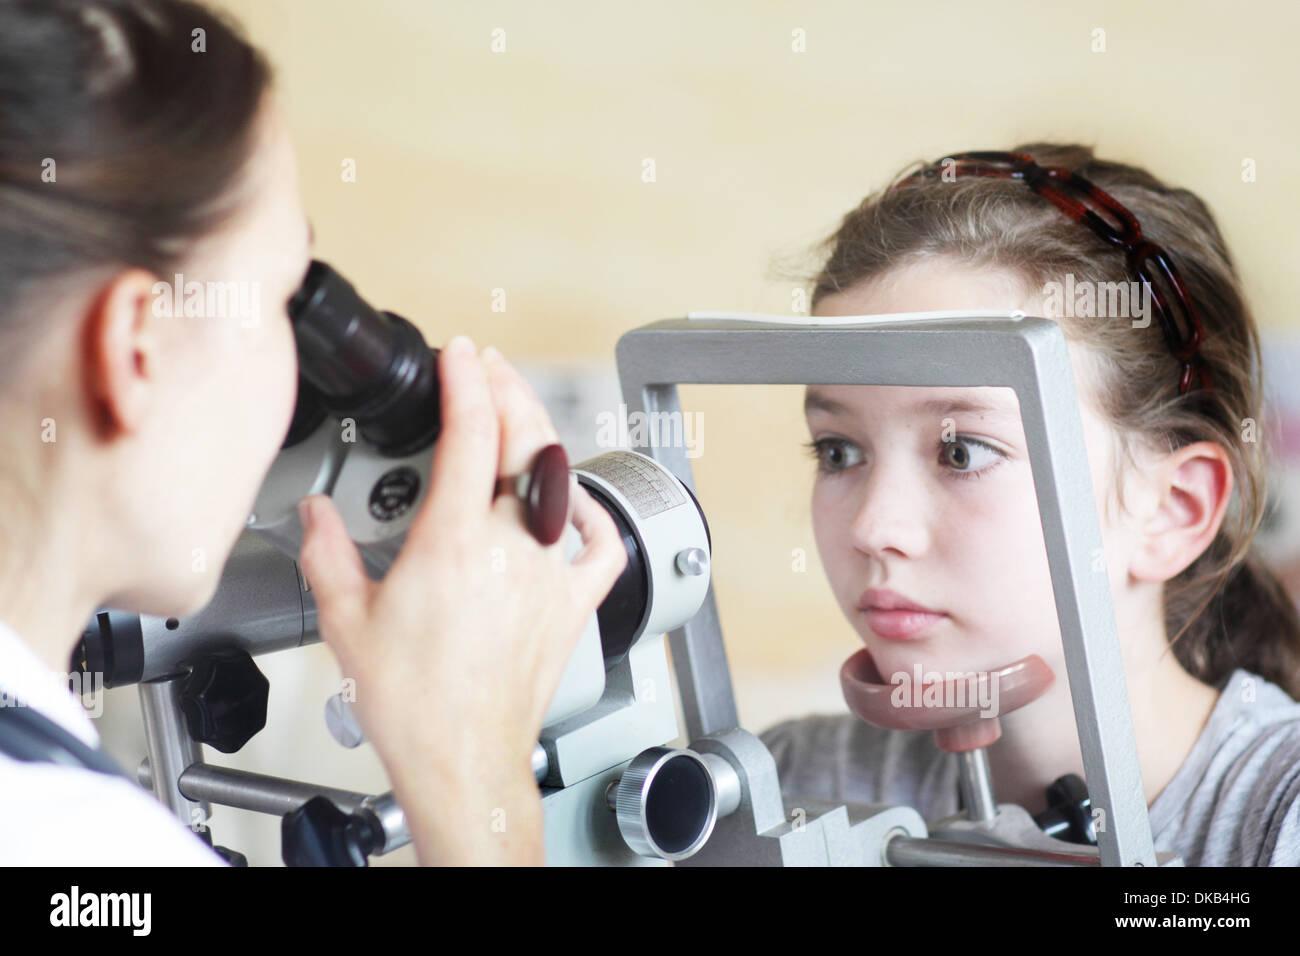 Les yeux de la fille d'optométriste Banque D'Images